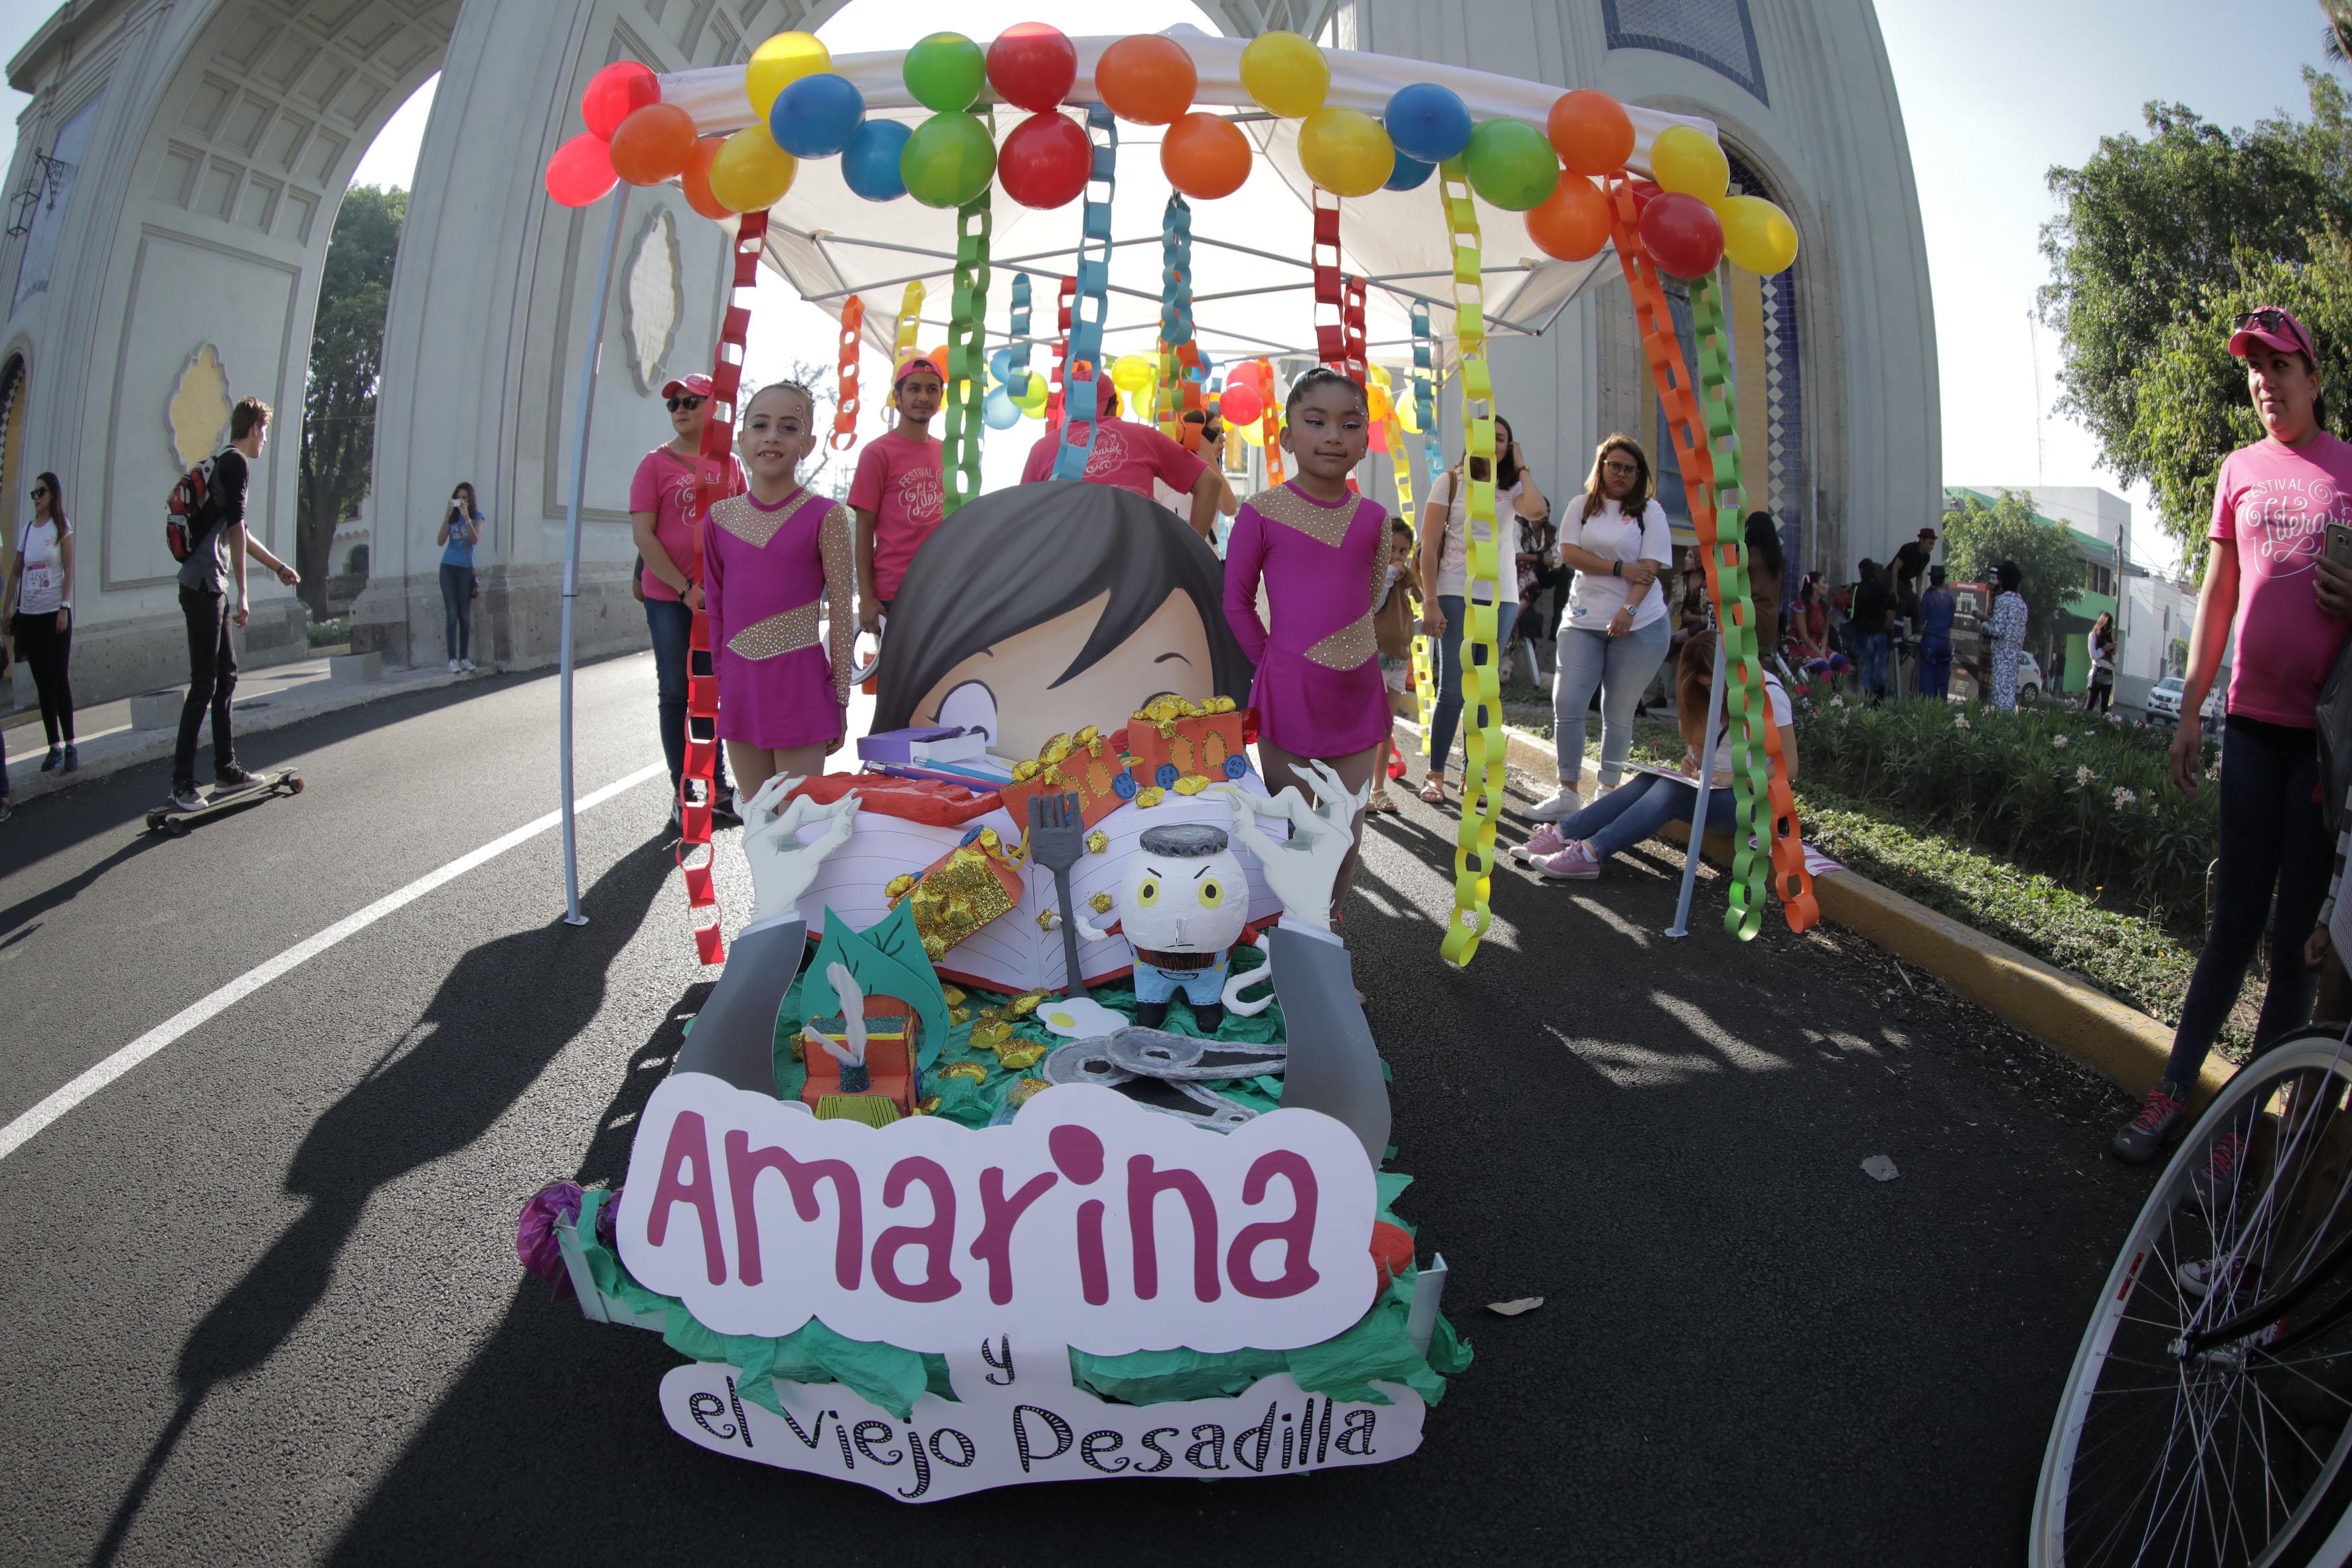 """Carro alegórico representando la obra """"Amarina y el viejo pesadilla"""", acompañado de niñas de gimnasia rítmica."""